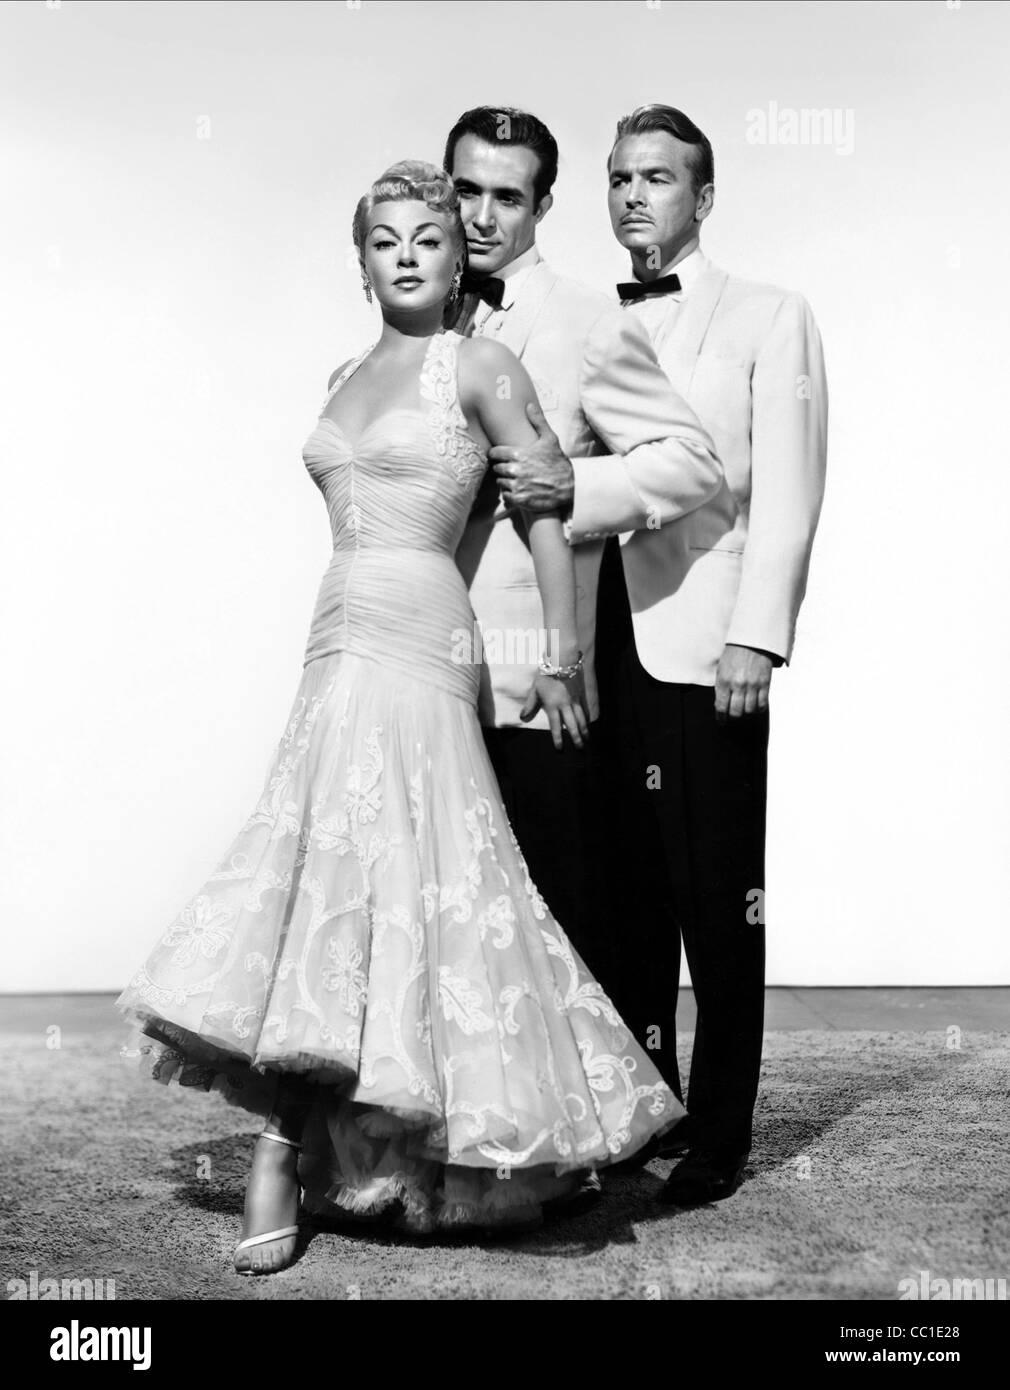 LANA TURNER RICARDO MONTALBAN & JOHN LUND LATIN LOVERS (1953) - Stock Image